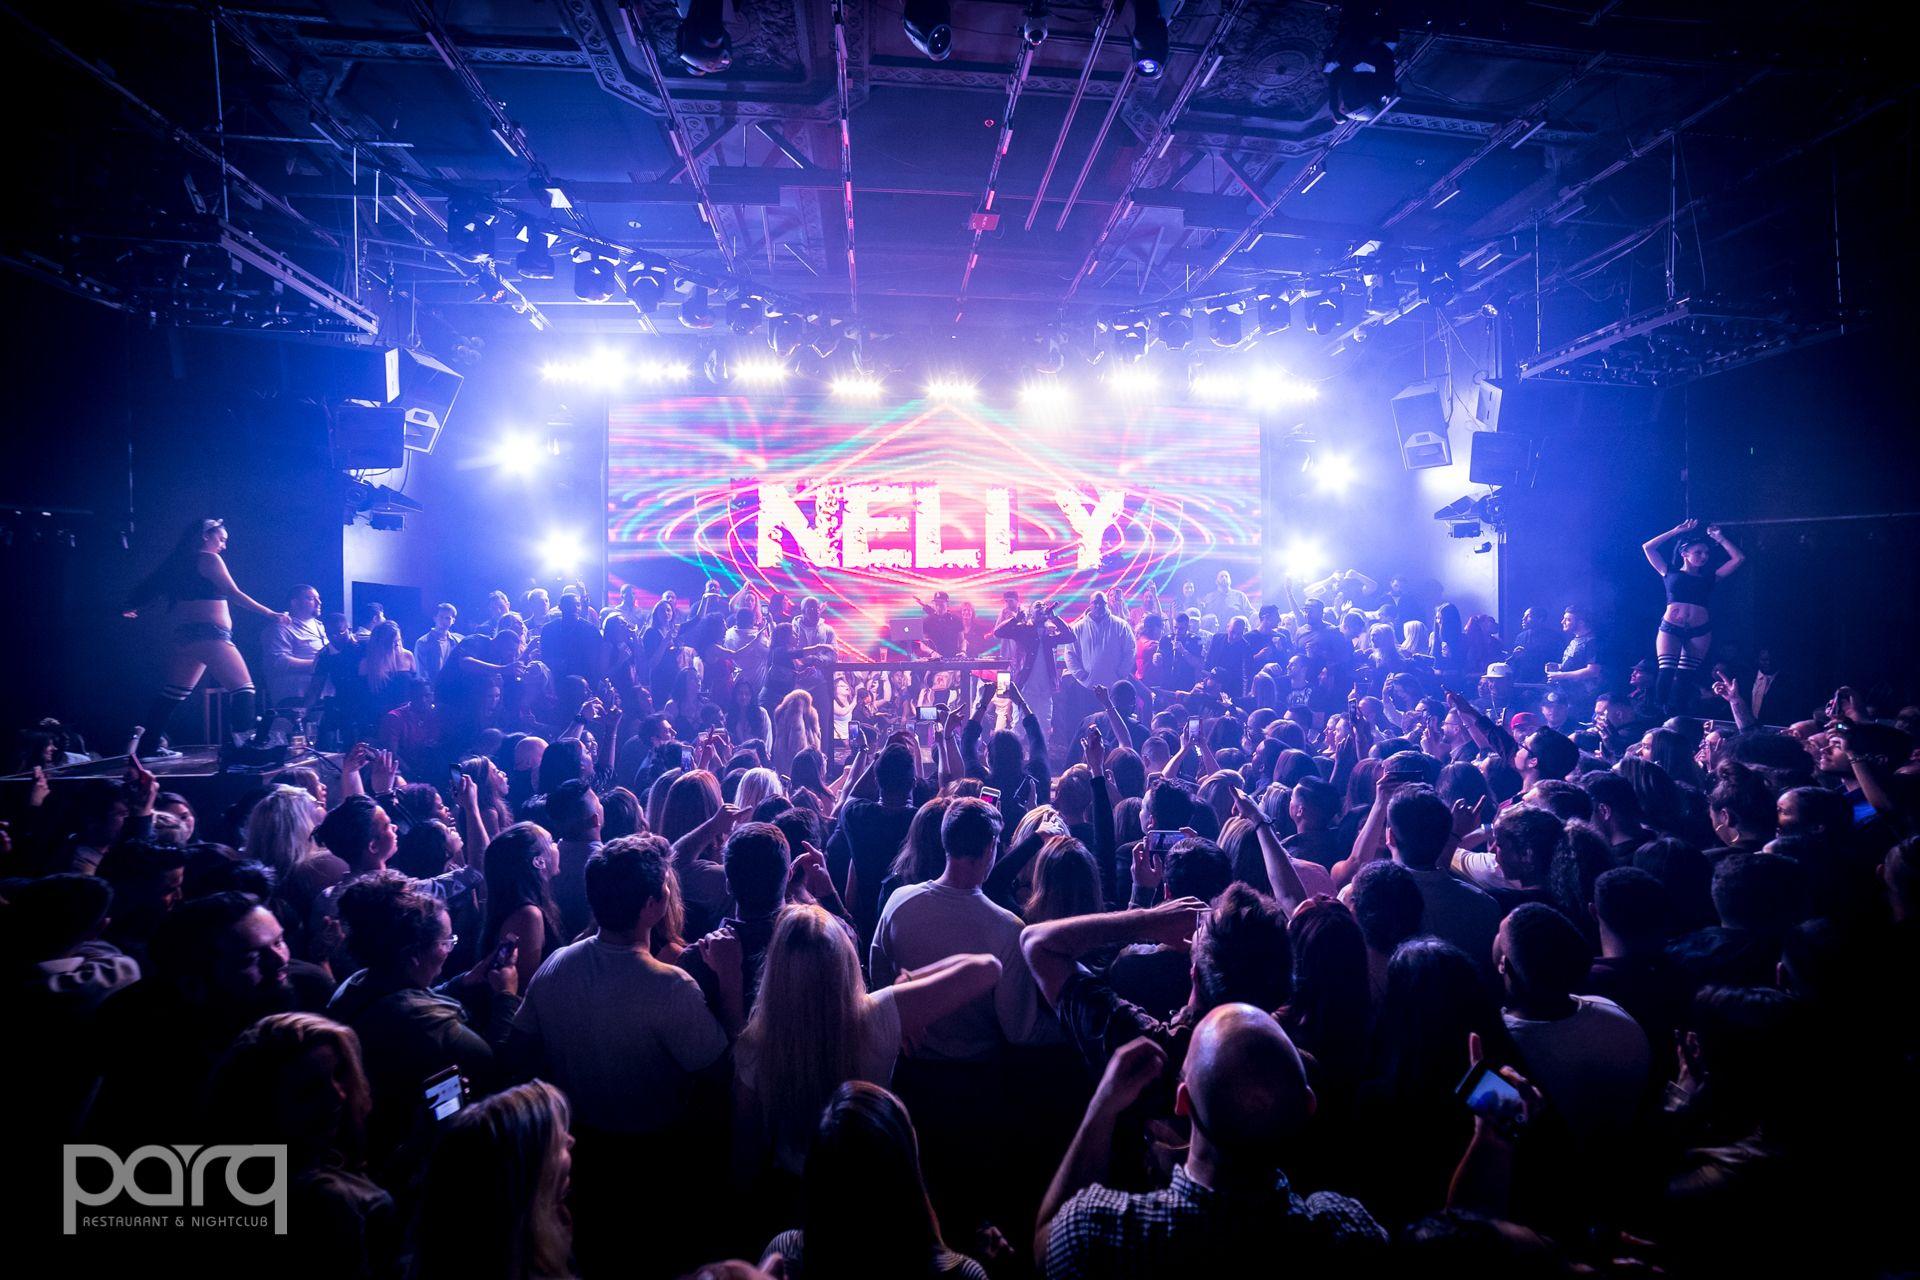 02.24.18 Parq - Nelly-1.jpg